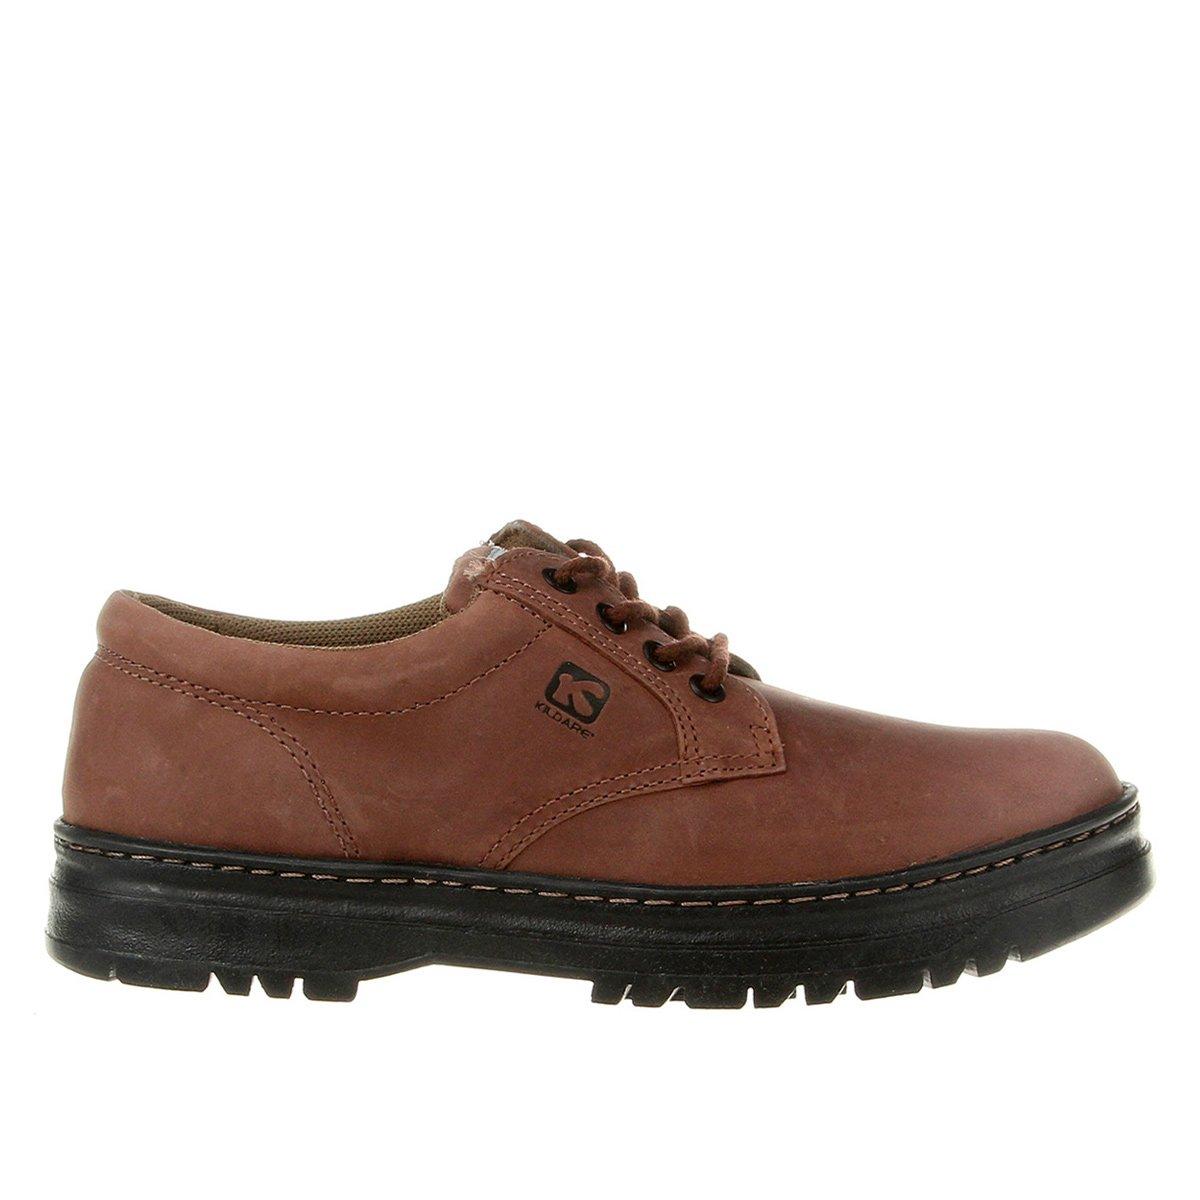 a61fe3857f Sapato Casual Couro Kildare Pespontos Tratorado